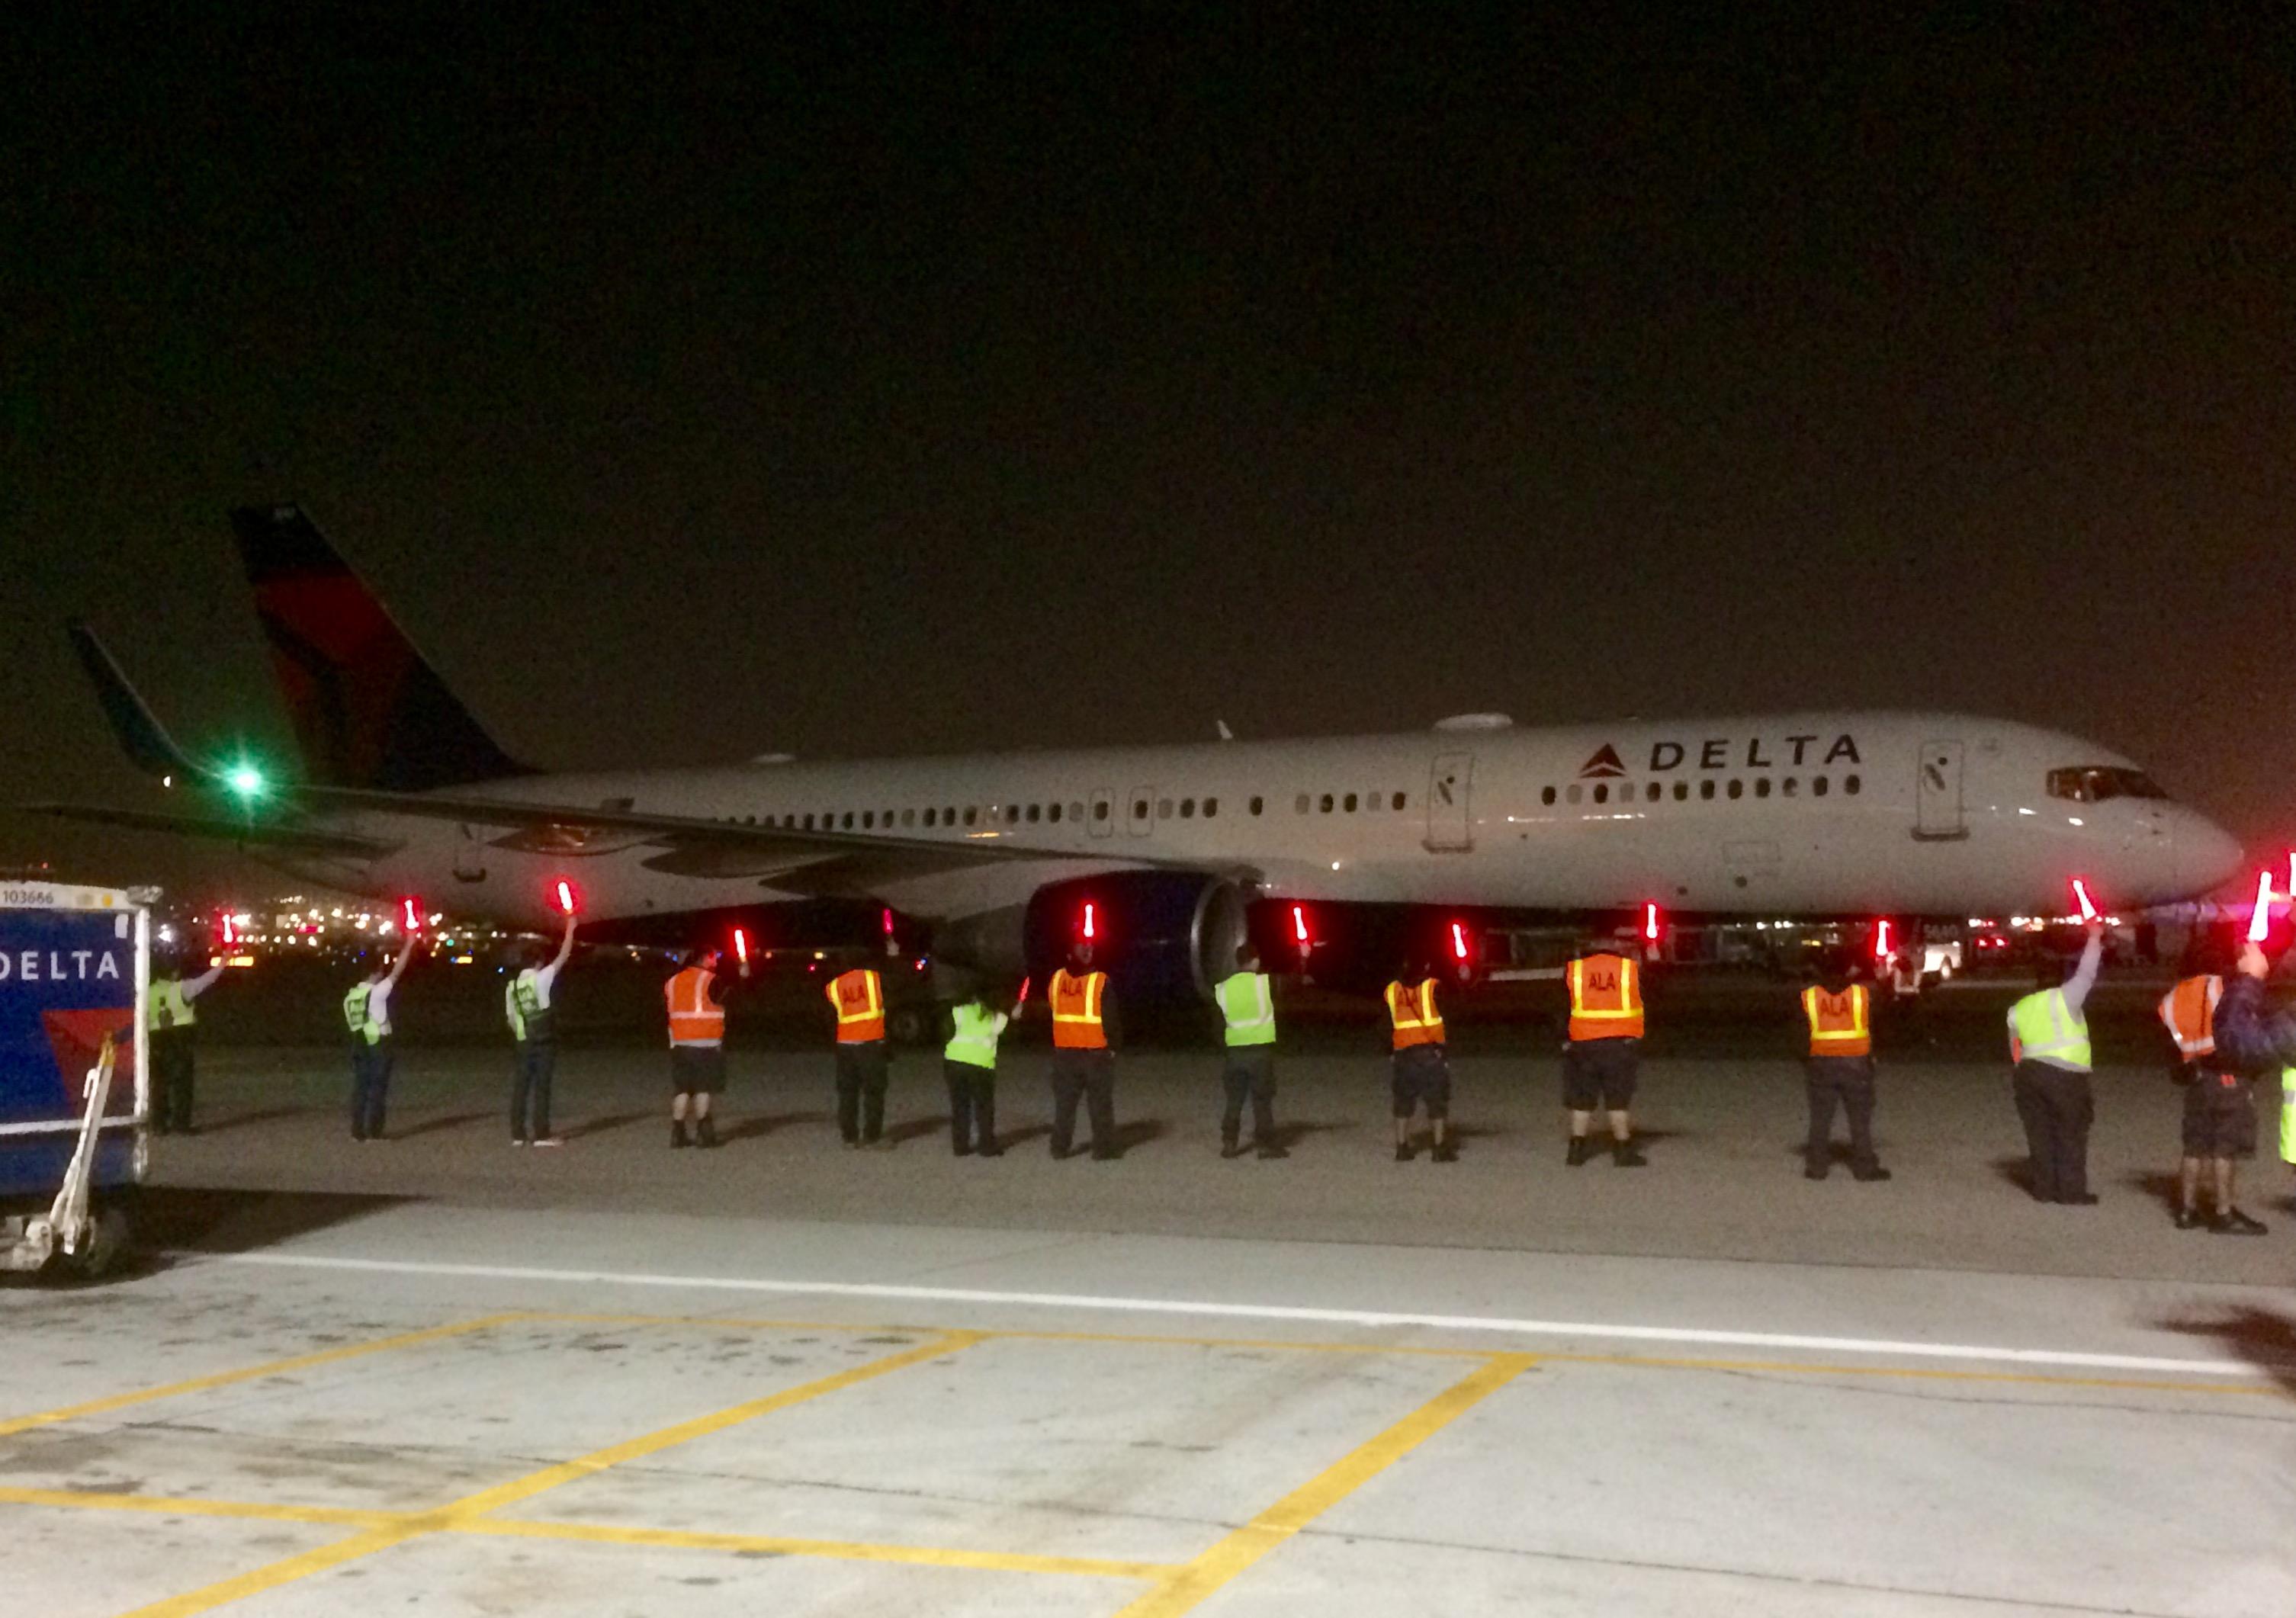 Delta flight arrives at LAX